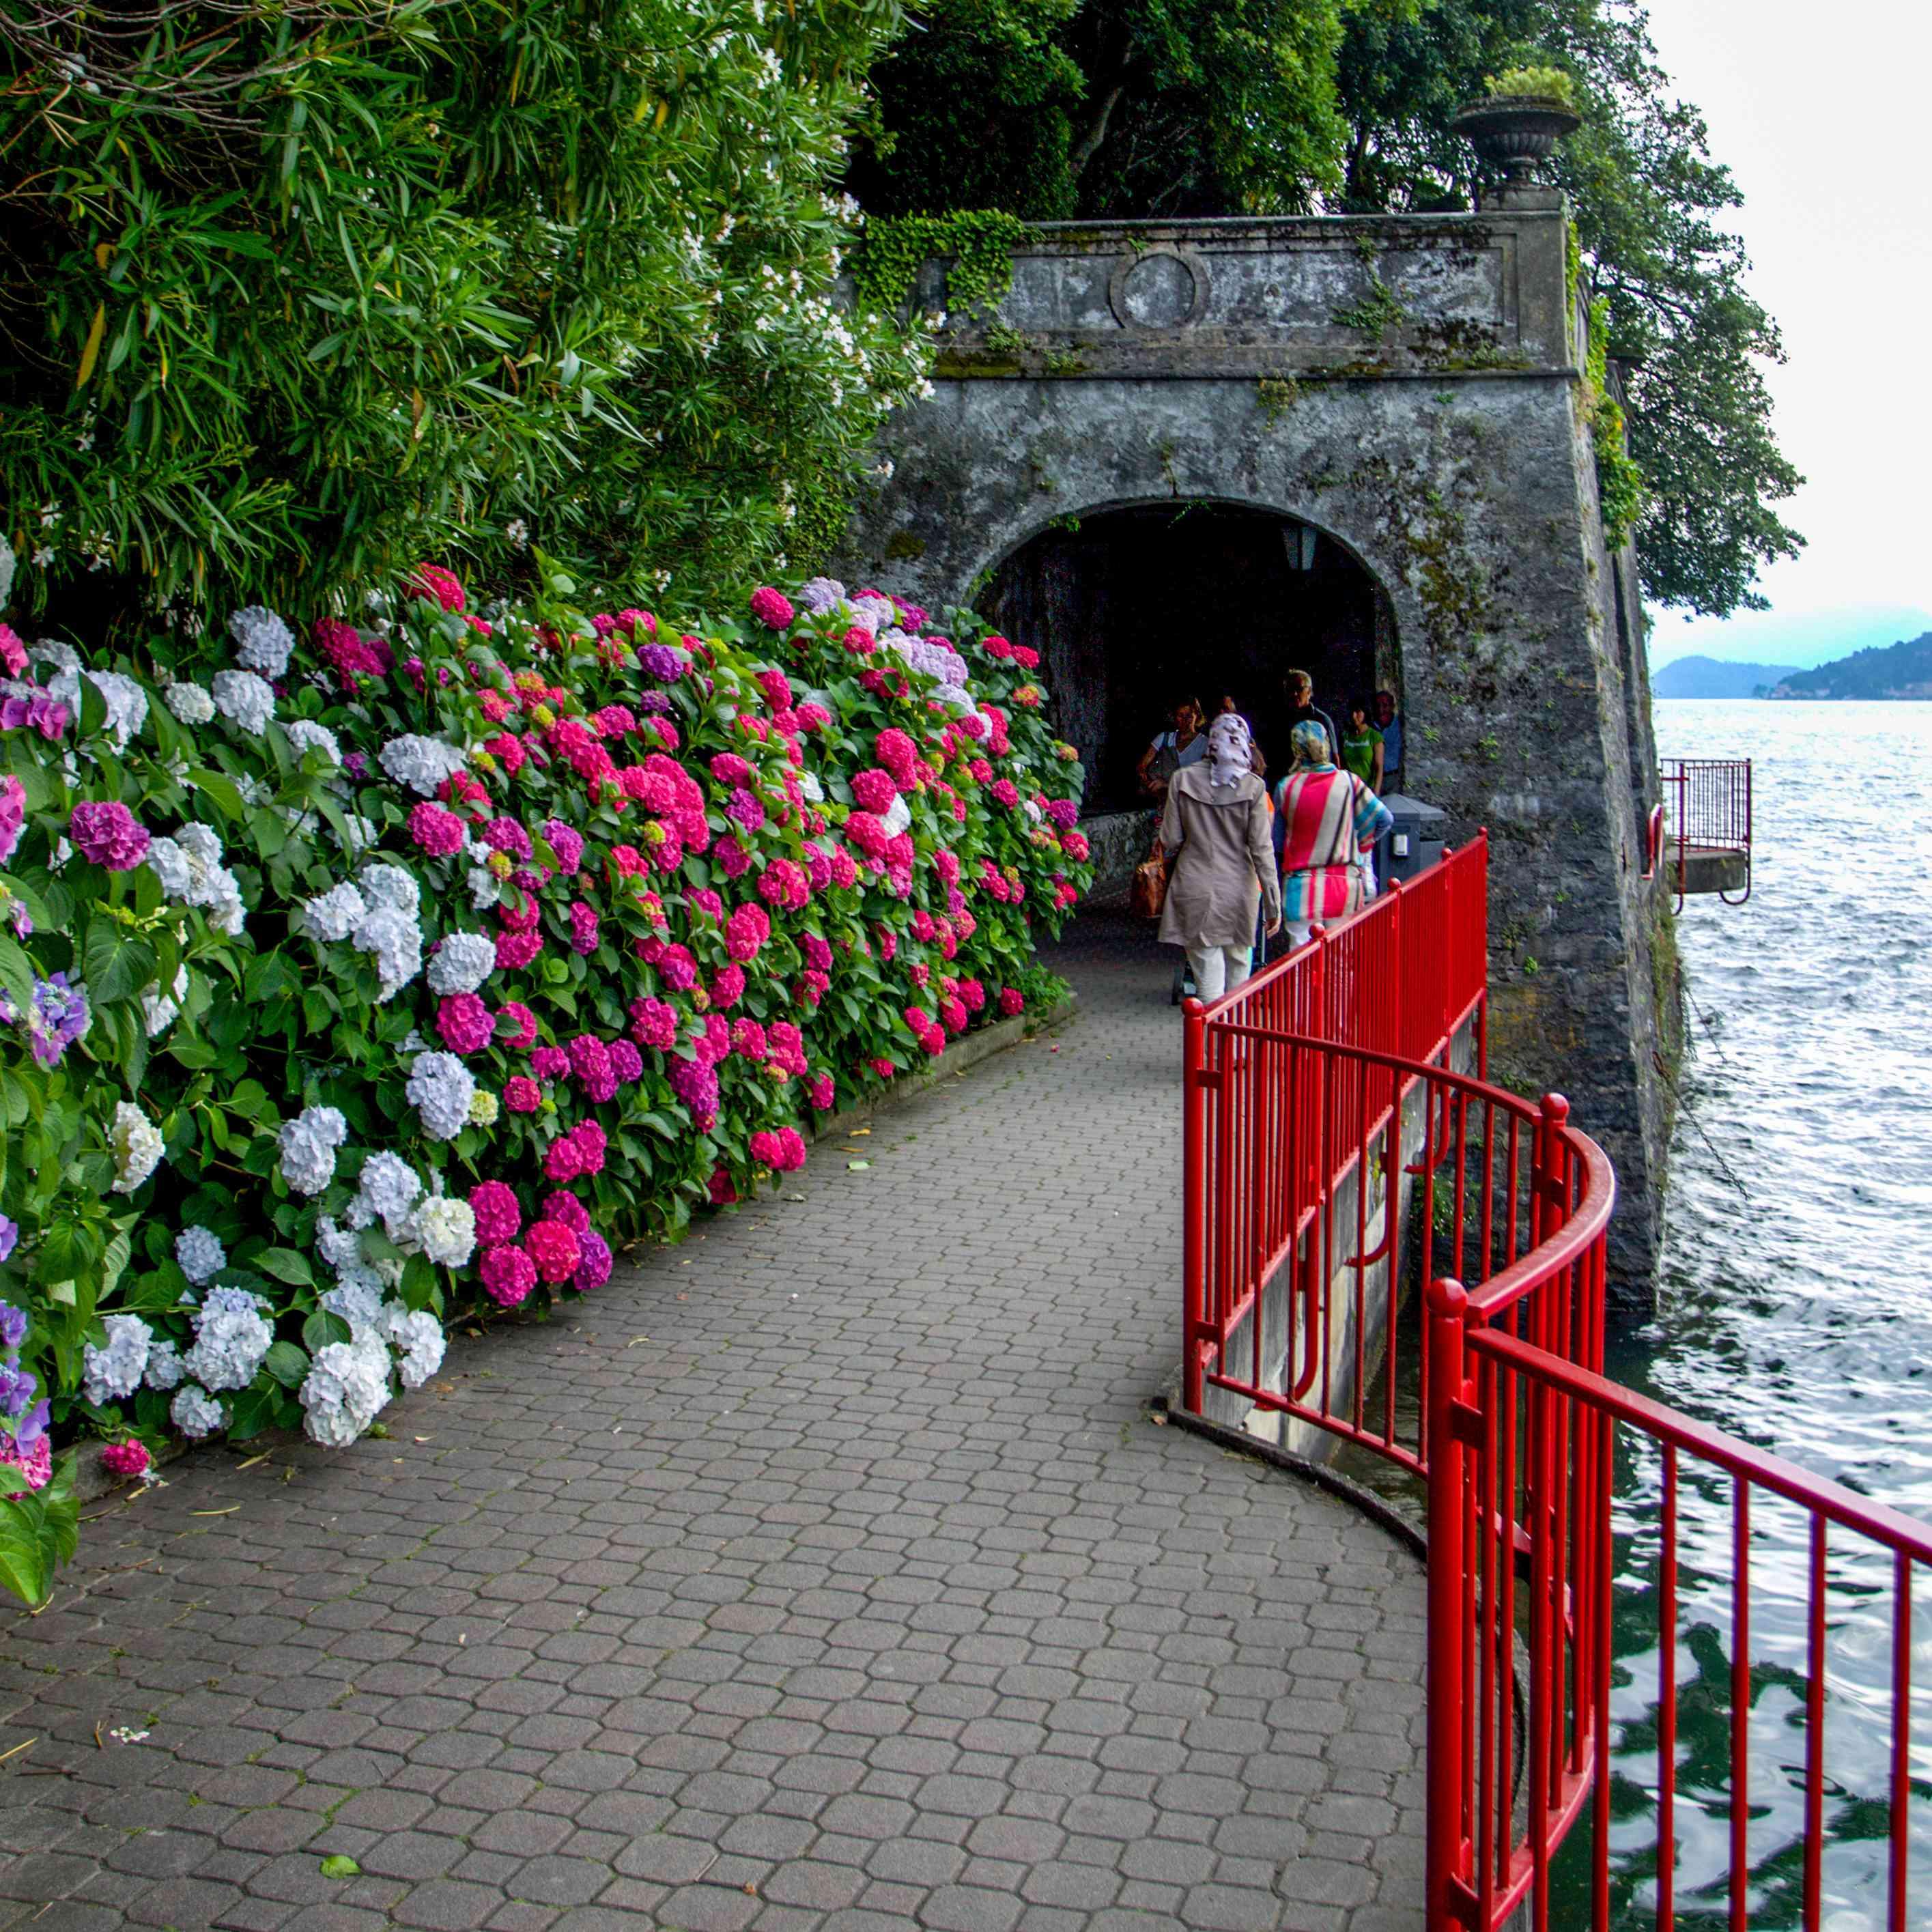 Passeggiata degli Innamorati (Lover's Walk) in Varenna, Italy